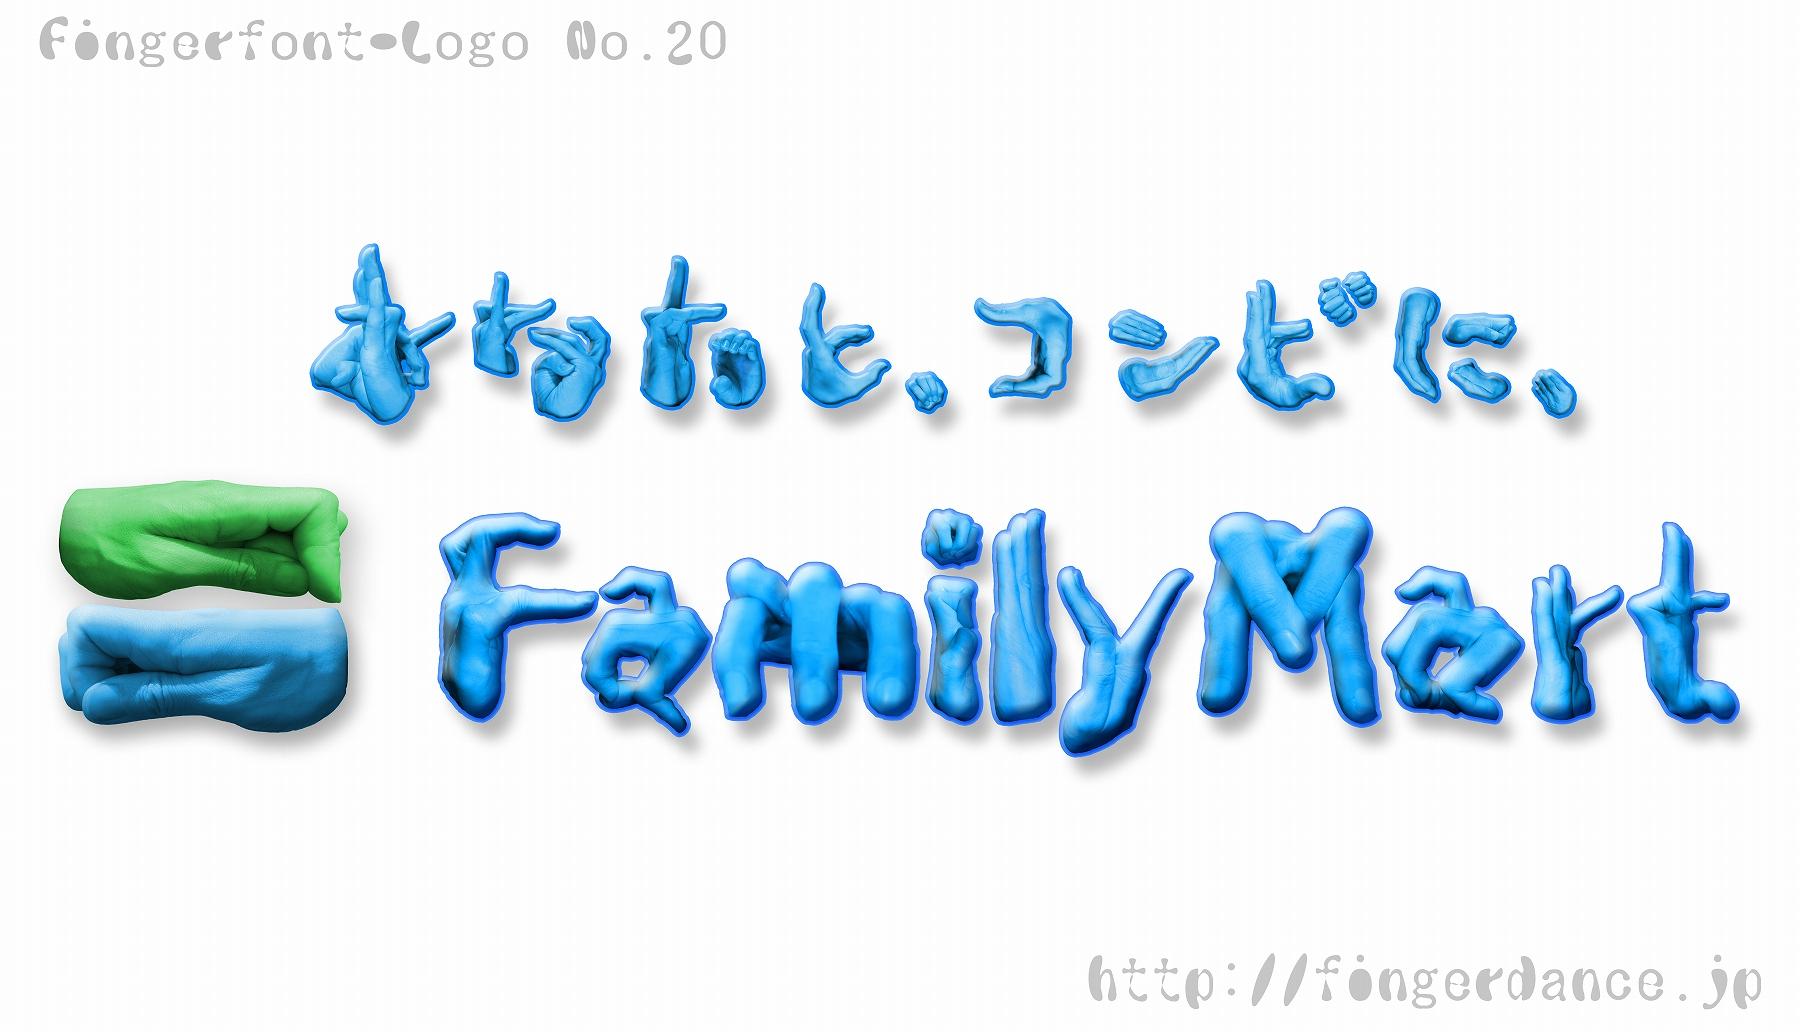 FamilyMart-fingerhttp://fingerdance.jp/L/logohand ファミリーマートフィンガーロゴハンド 手指字